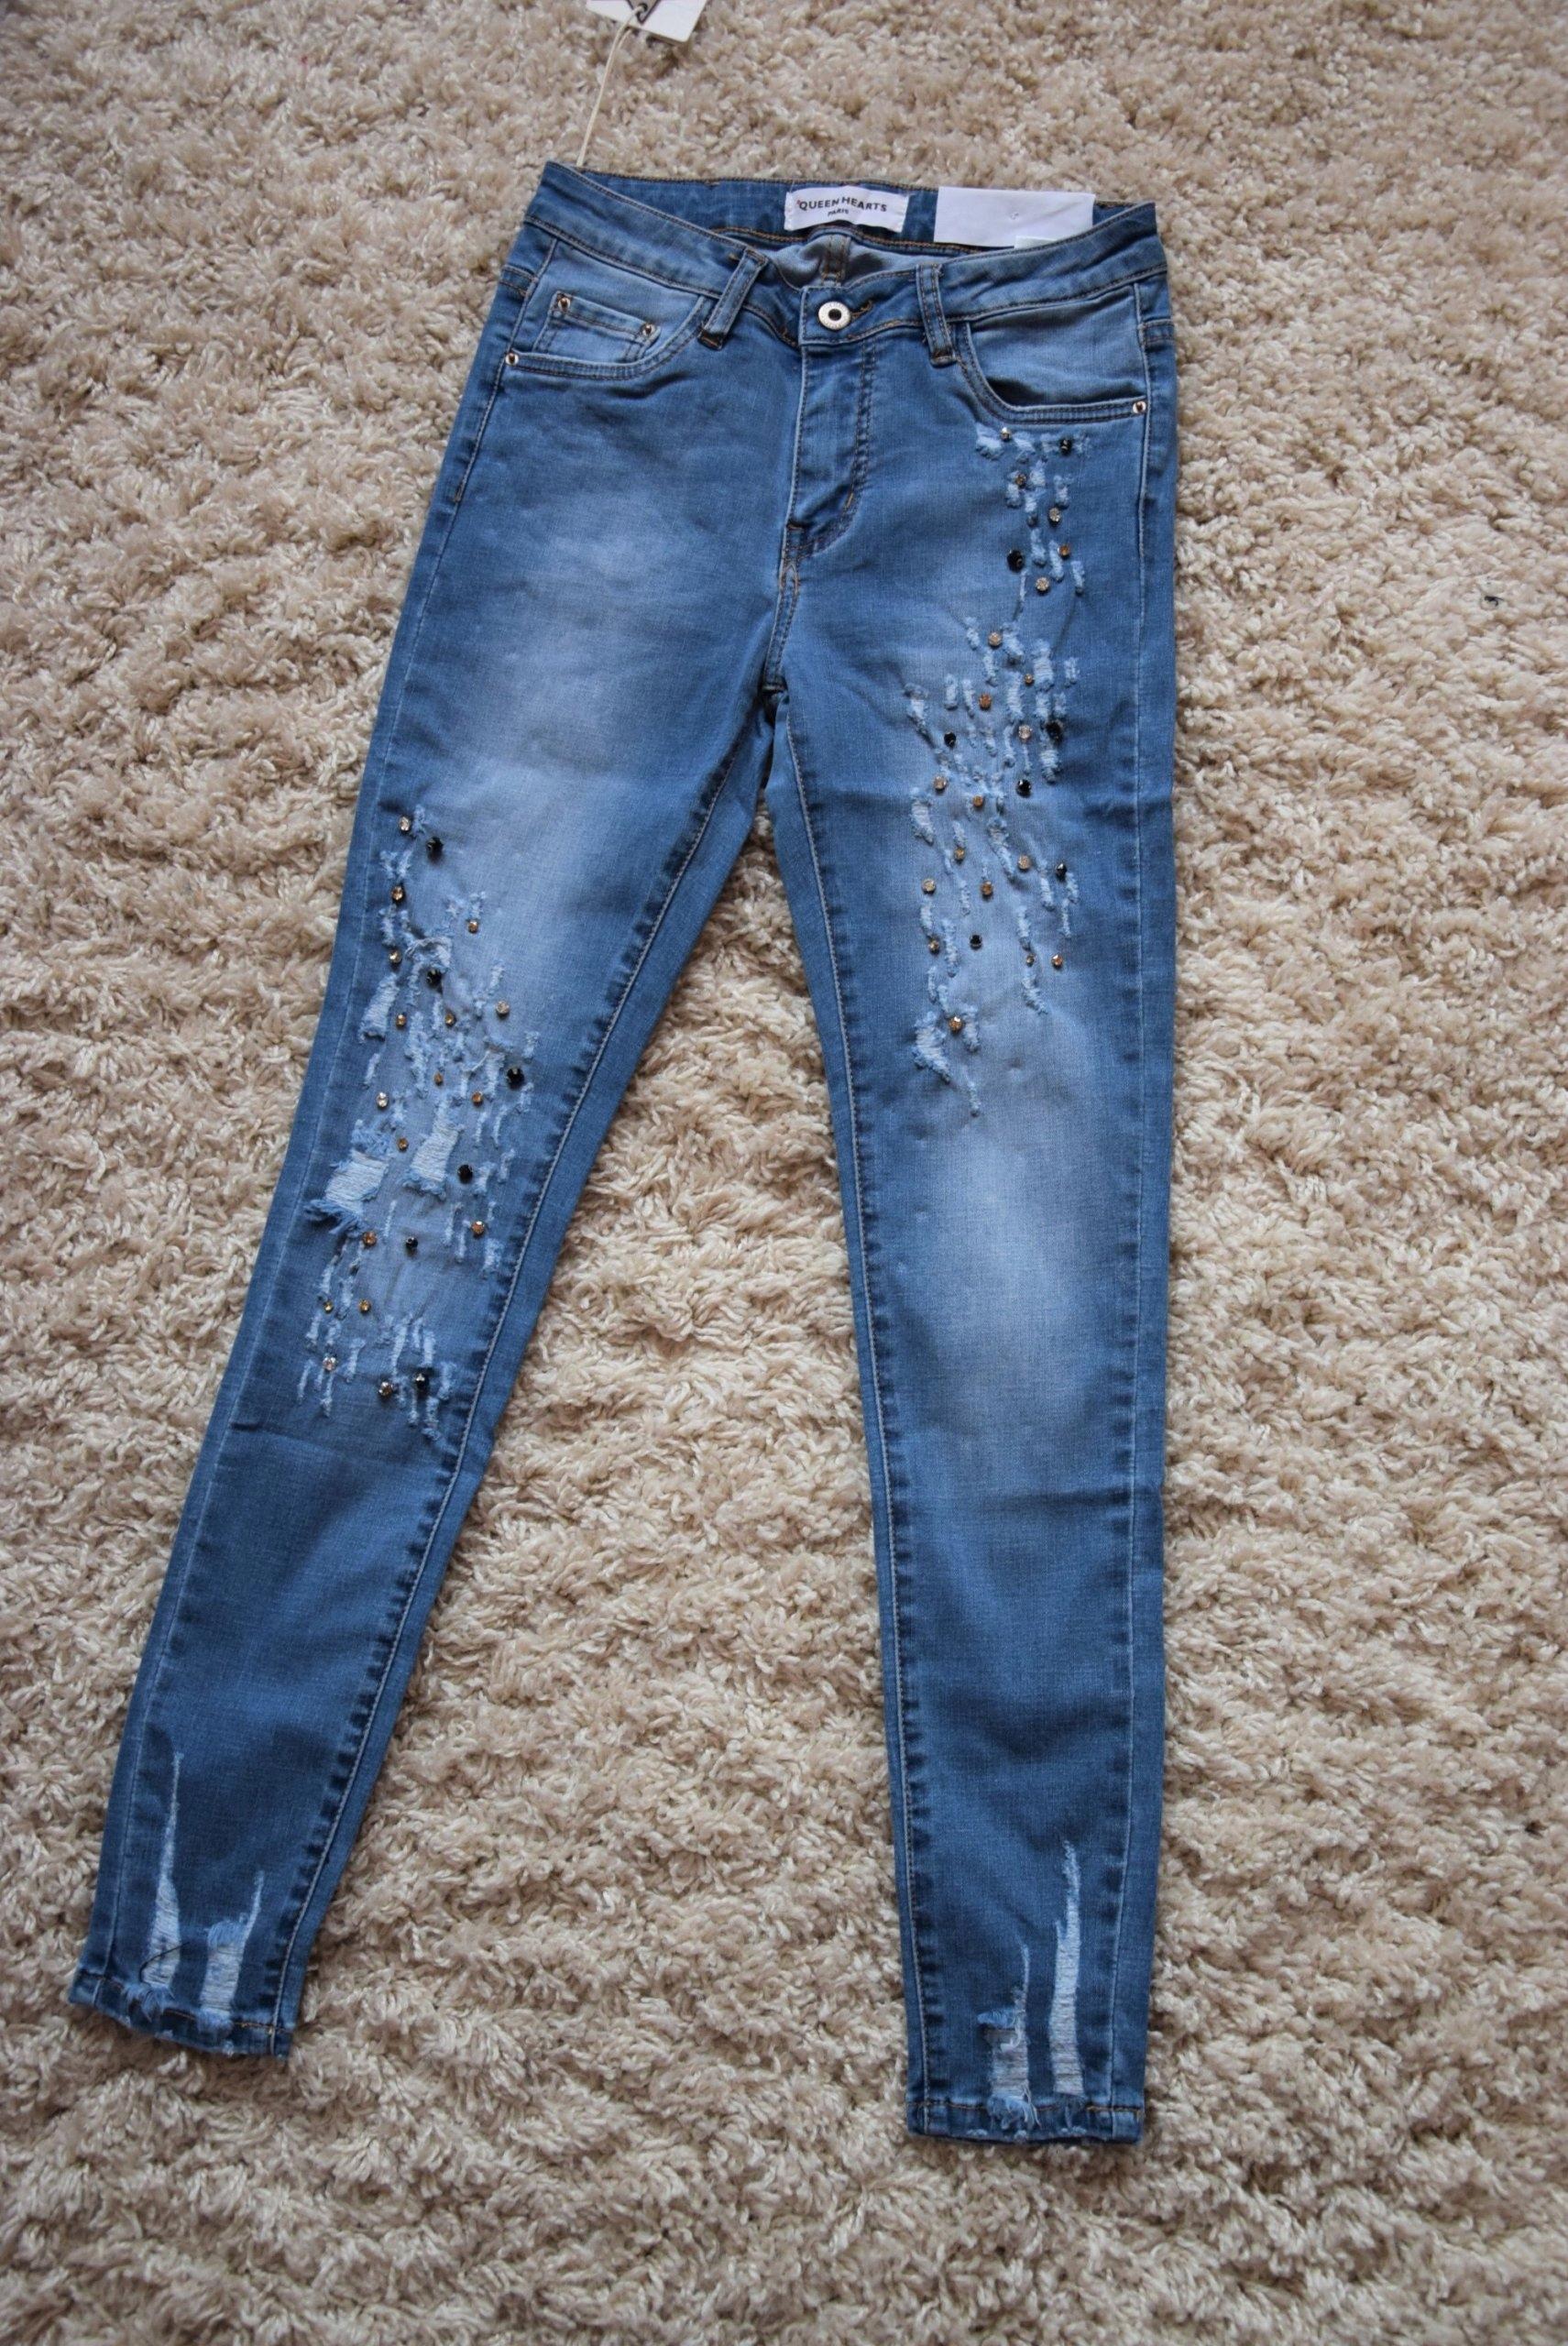 7d0f52b7977fa7 Spodnie jeans skinny z cyrkoniami dziury modne M - 7236867298 ...